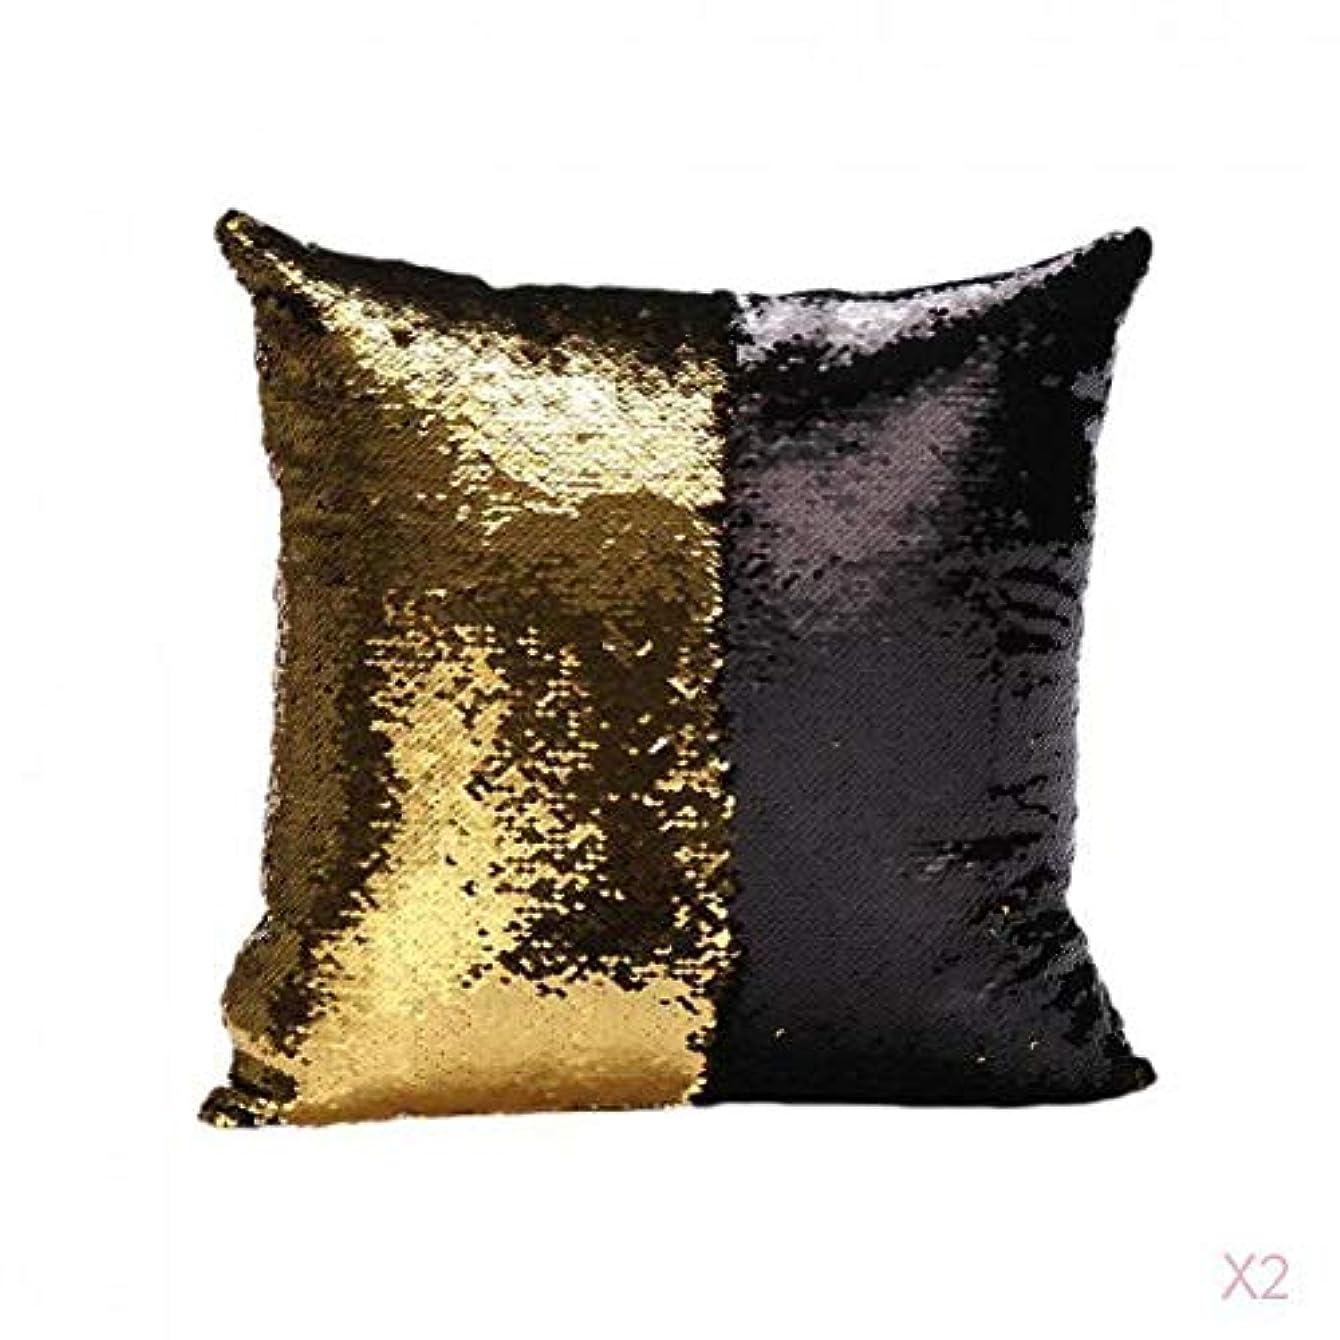 うれしいファンタジー感情の可逆スエードスパンコールソファ腰クッションカバーベッドの枕カバースリップ黒